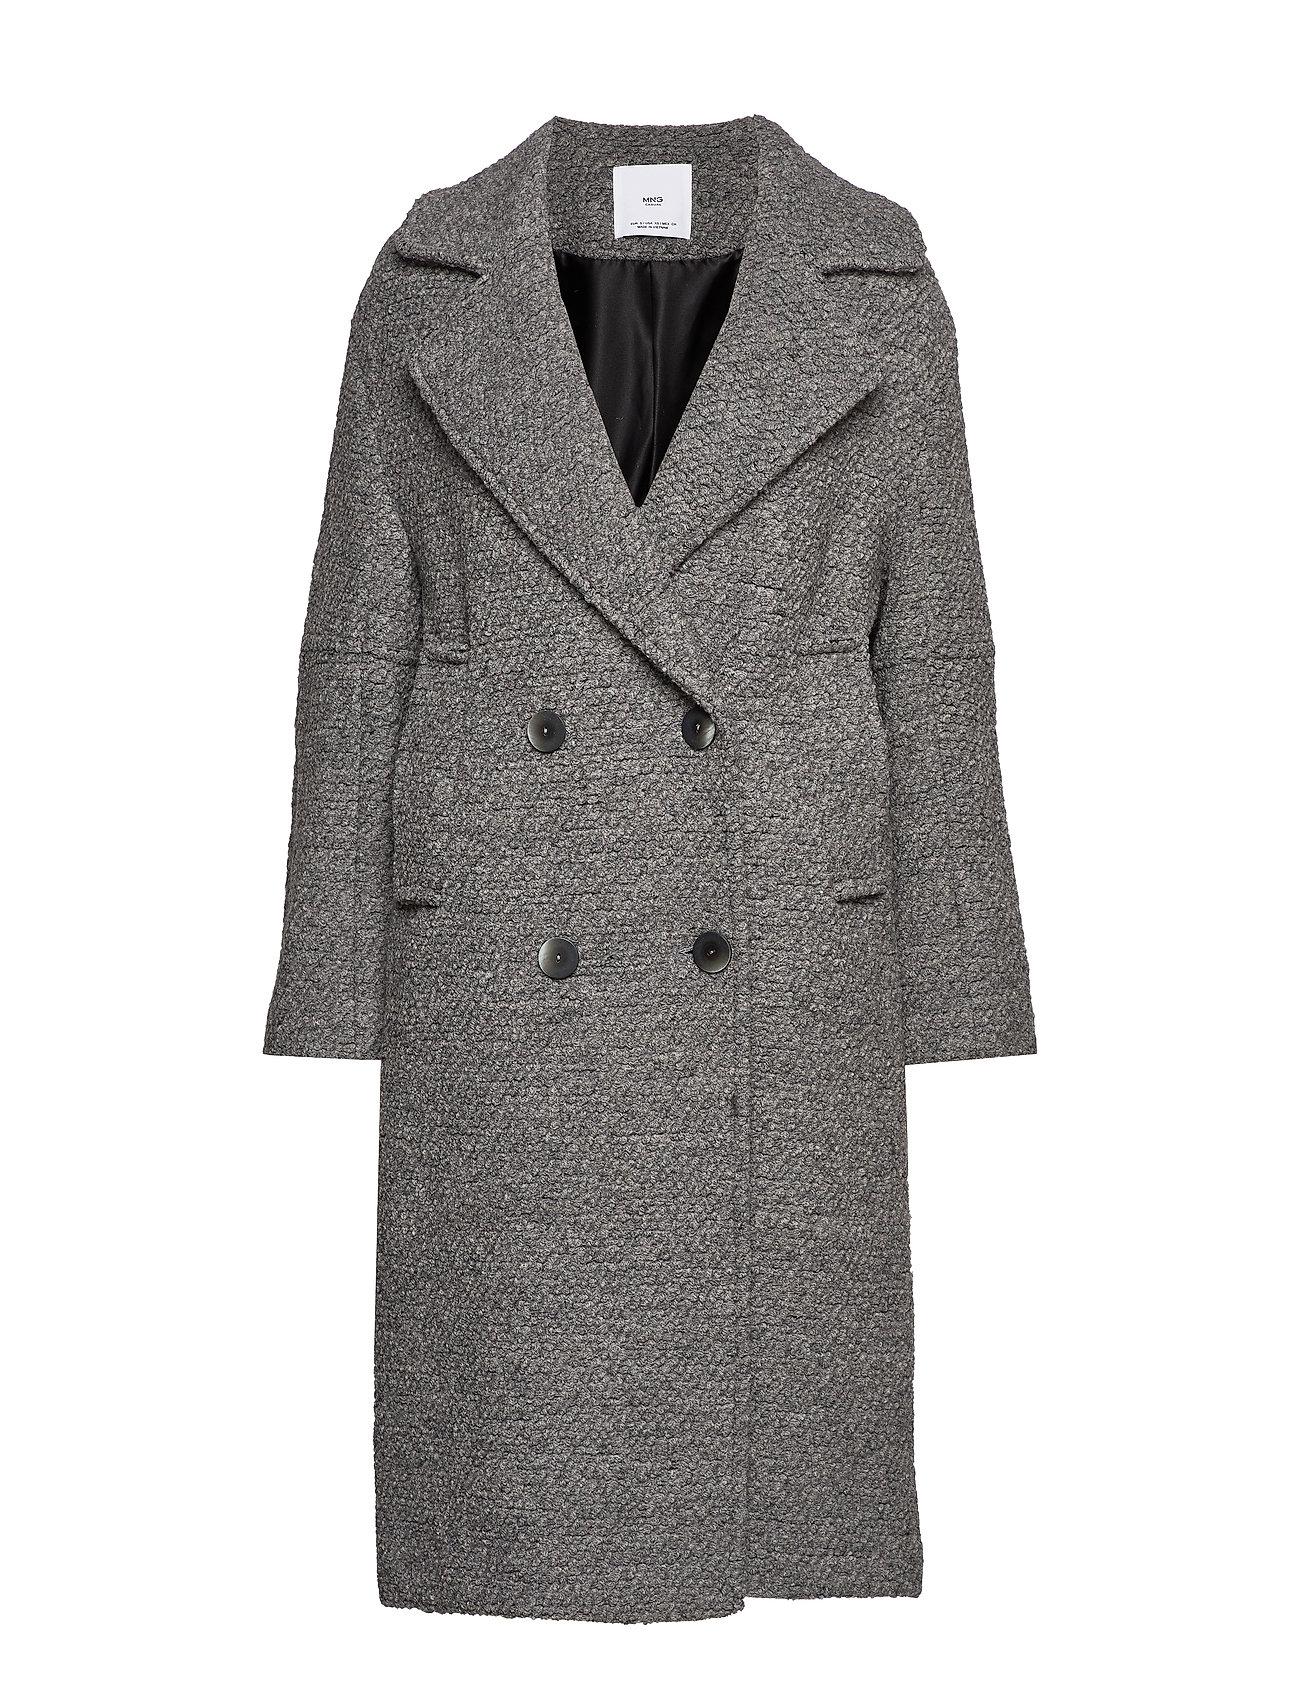 Mango Fur boucl wool coat - GREY